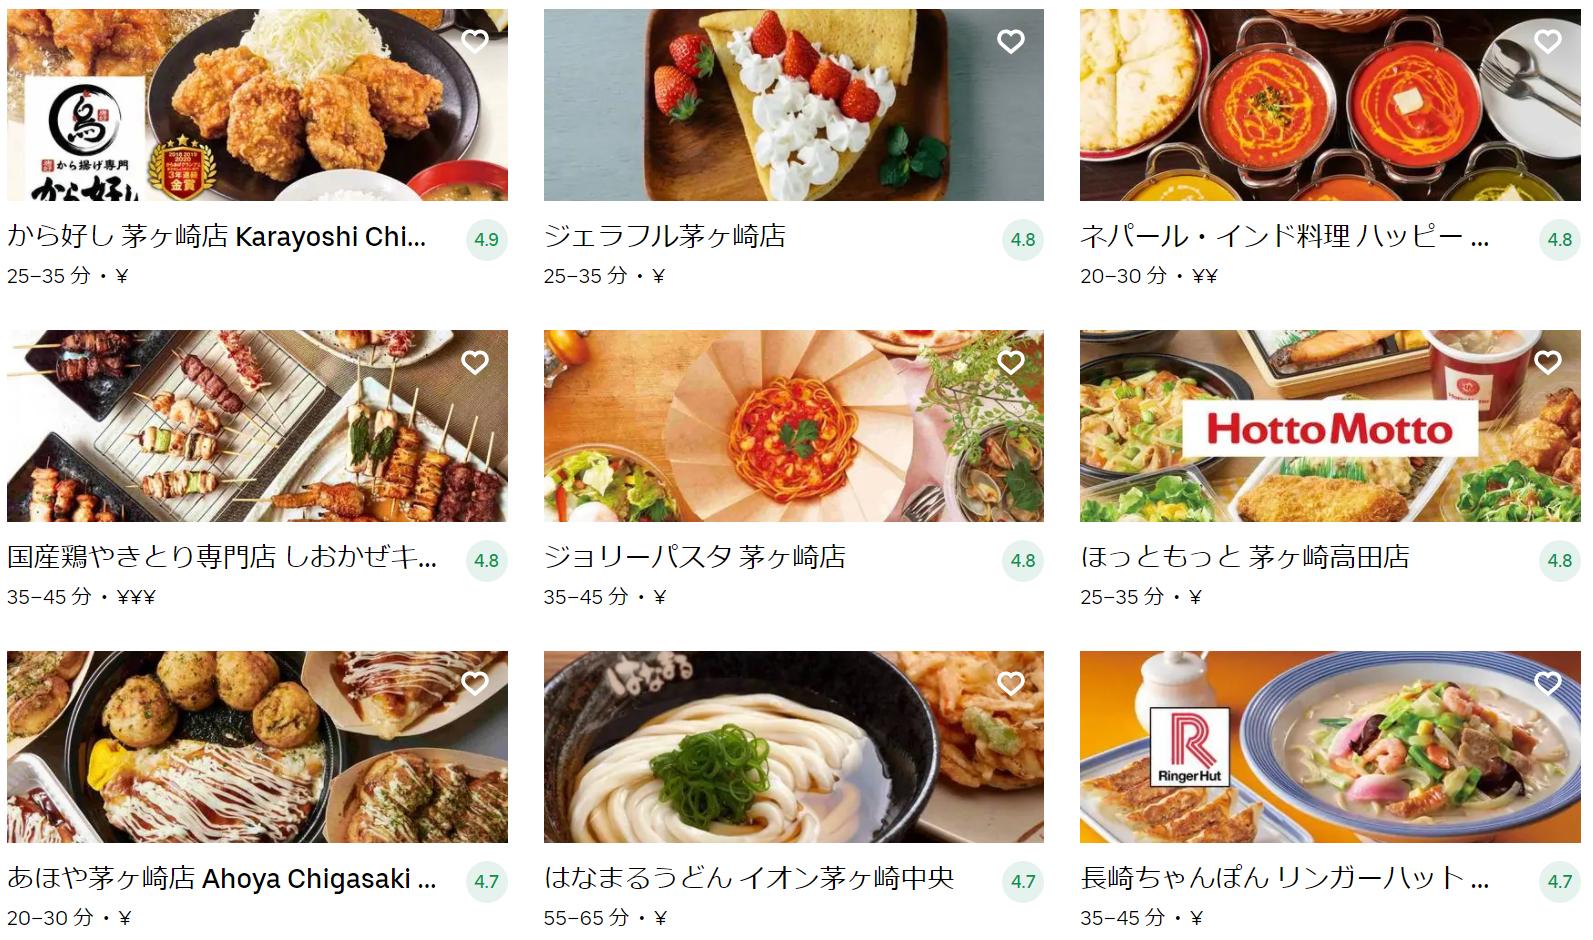 茅ヶ崎市エリアのおすすめUber Eats(ウーバーイーツ)メニュー